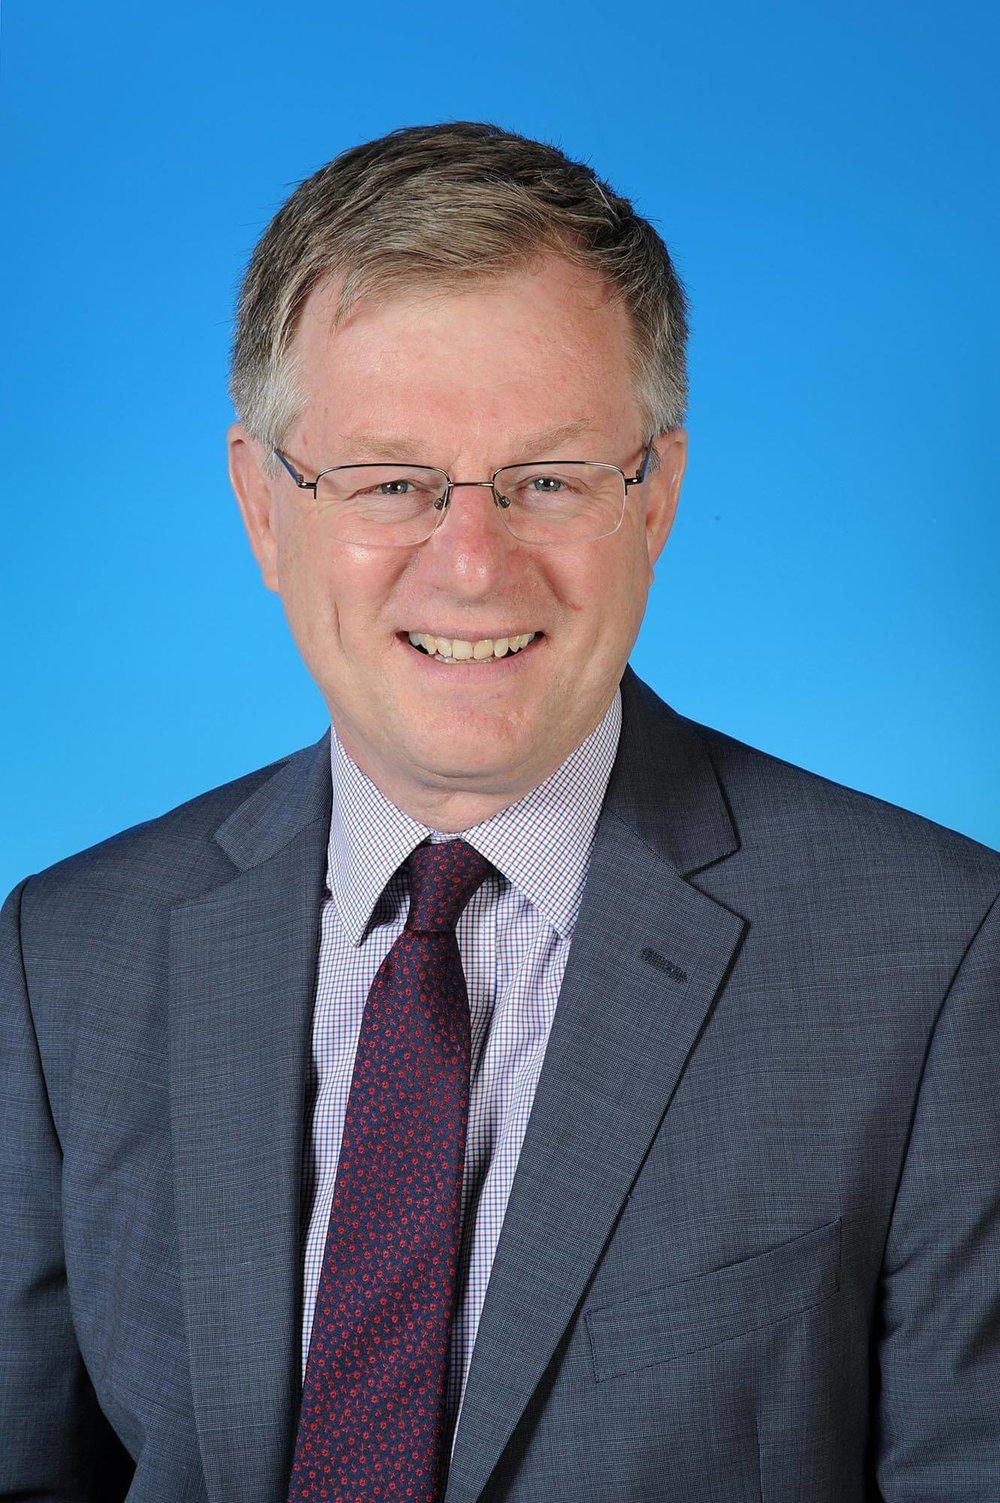 Councillor Rob Garnham - photo courtesy of Posers Photographic